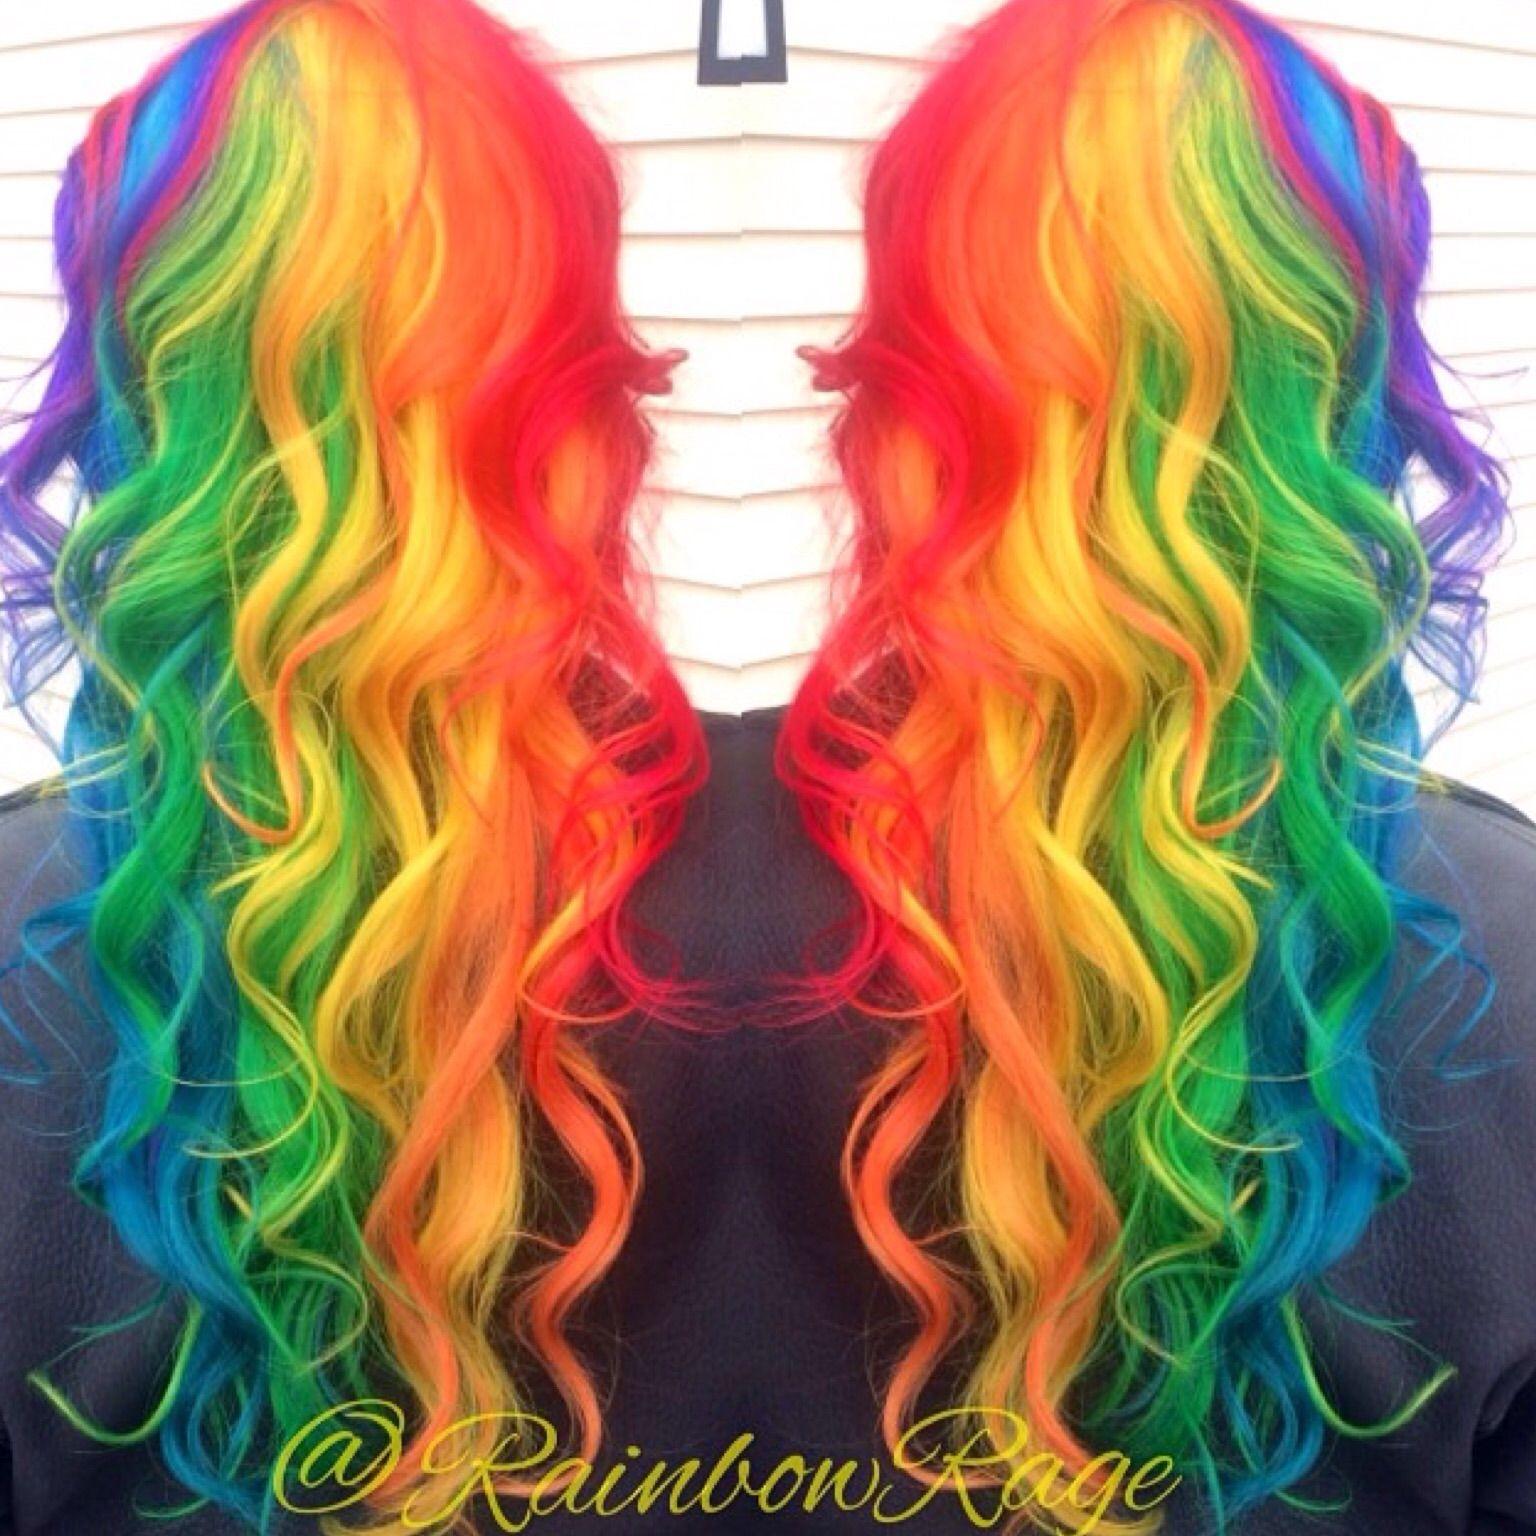 Hair by Rainbowrage cabelos Pinterest Hair coloring Hair